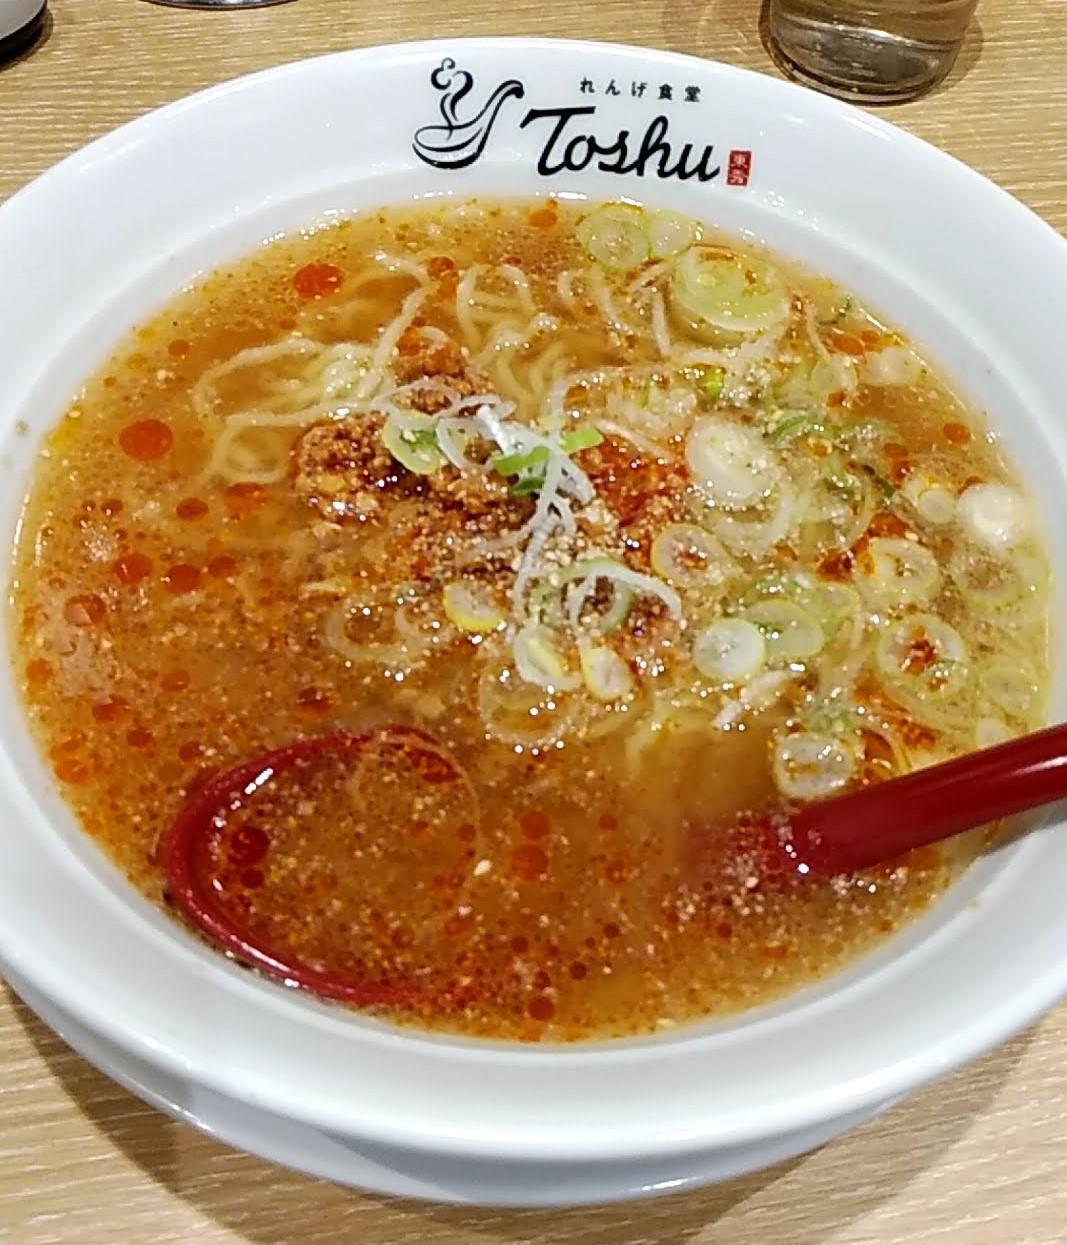 れんげ食堂の担々麺